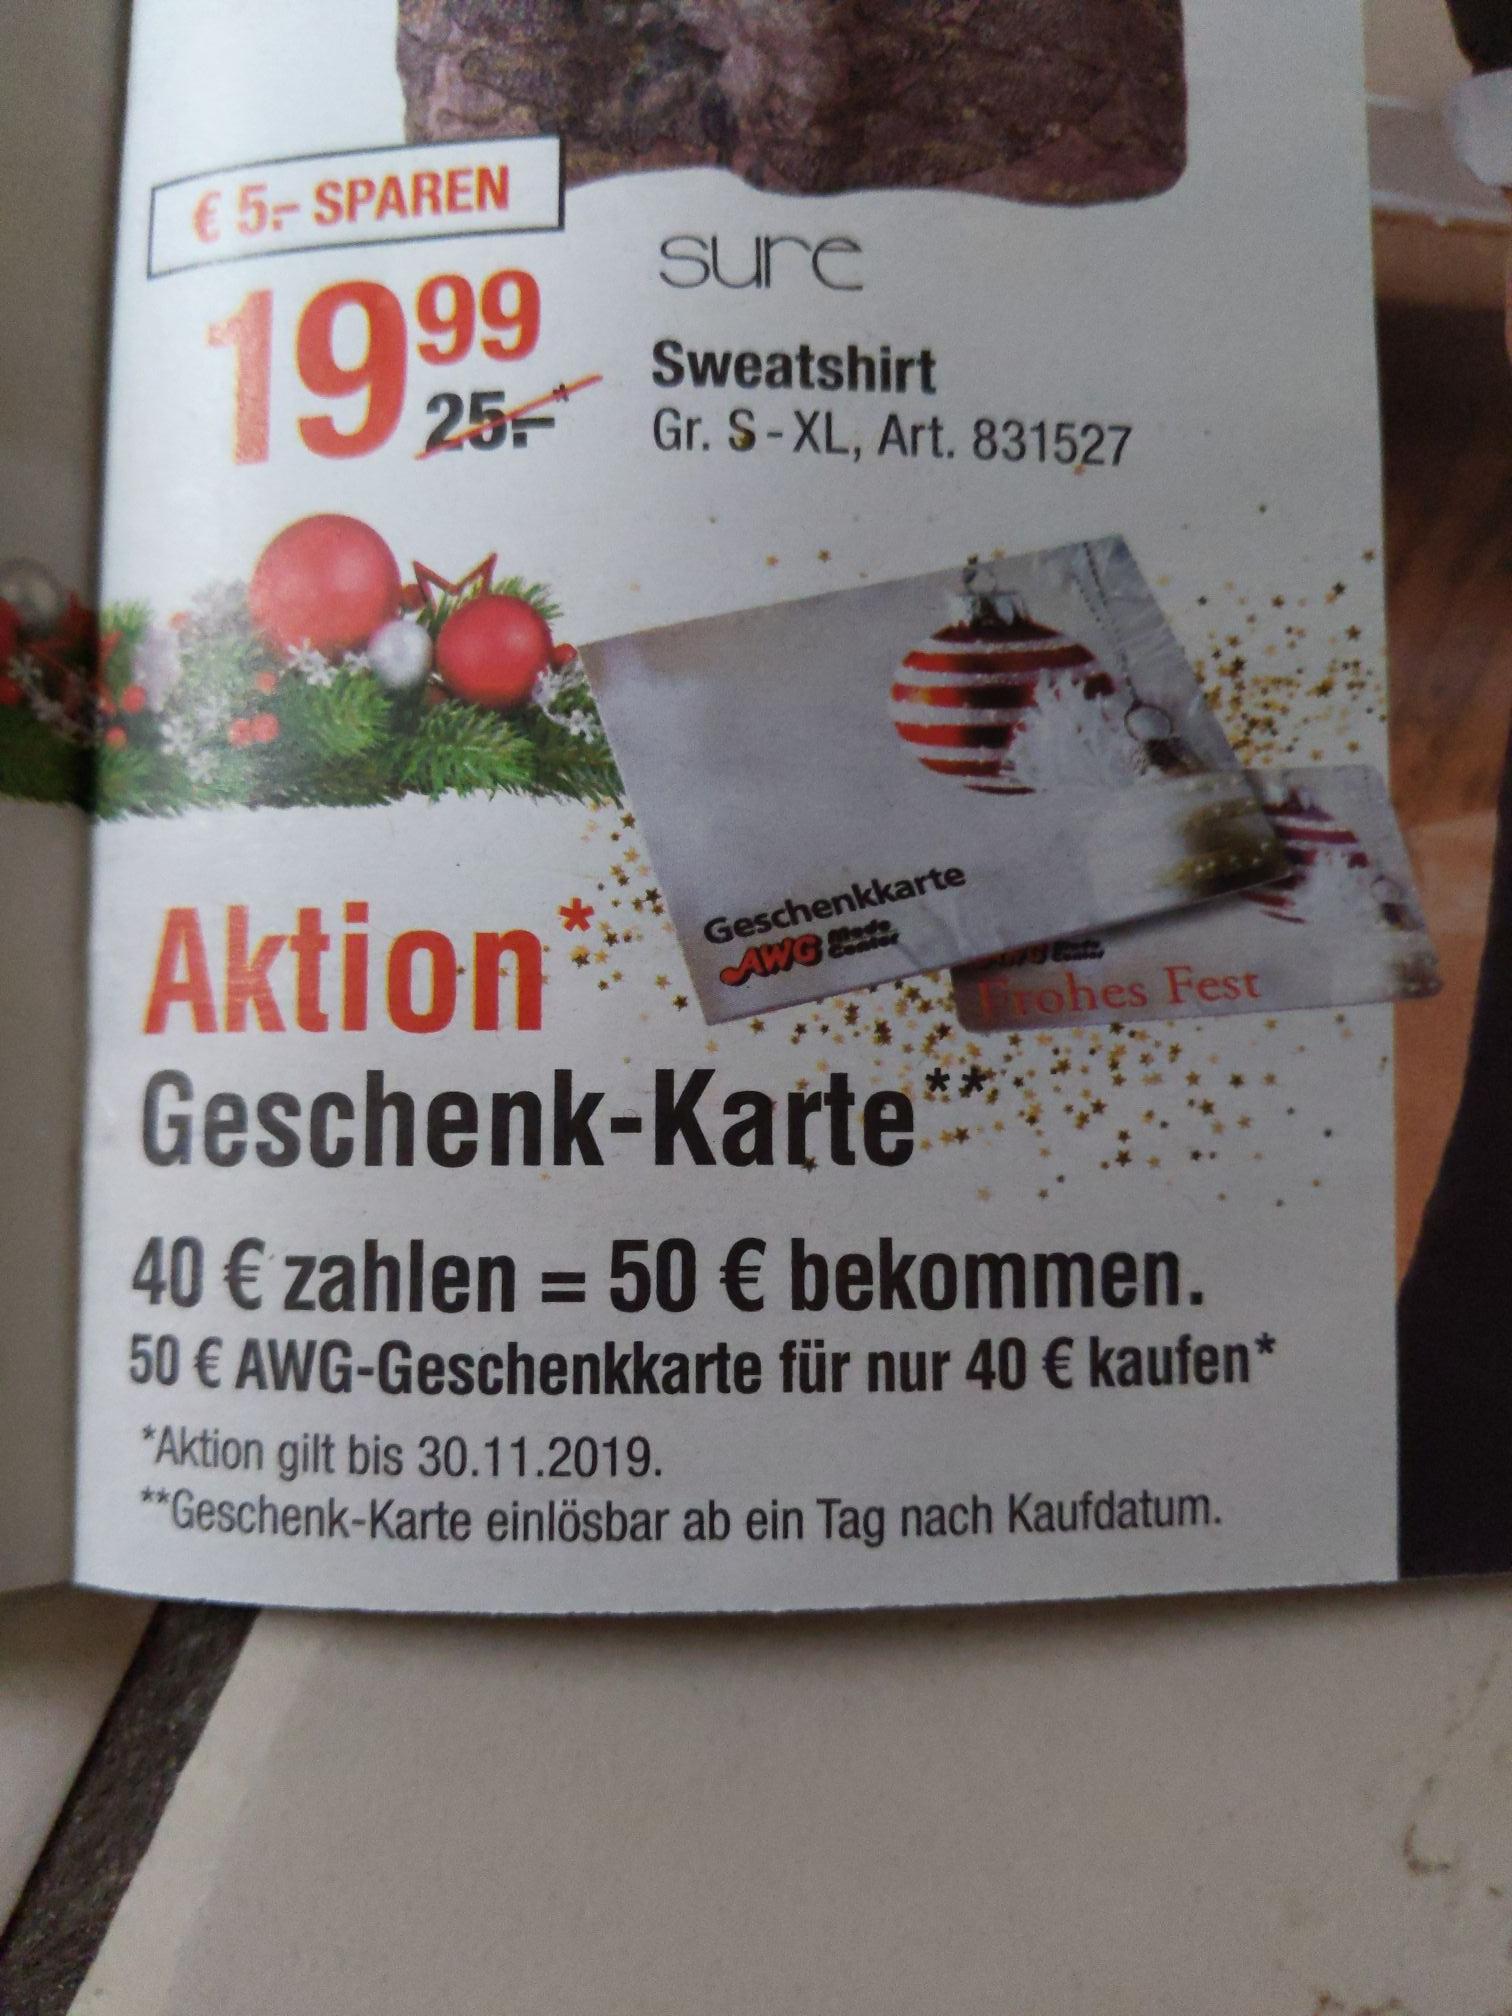 [offline] AWG Geschenkkarte für 40€ statt 50€